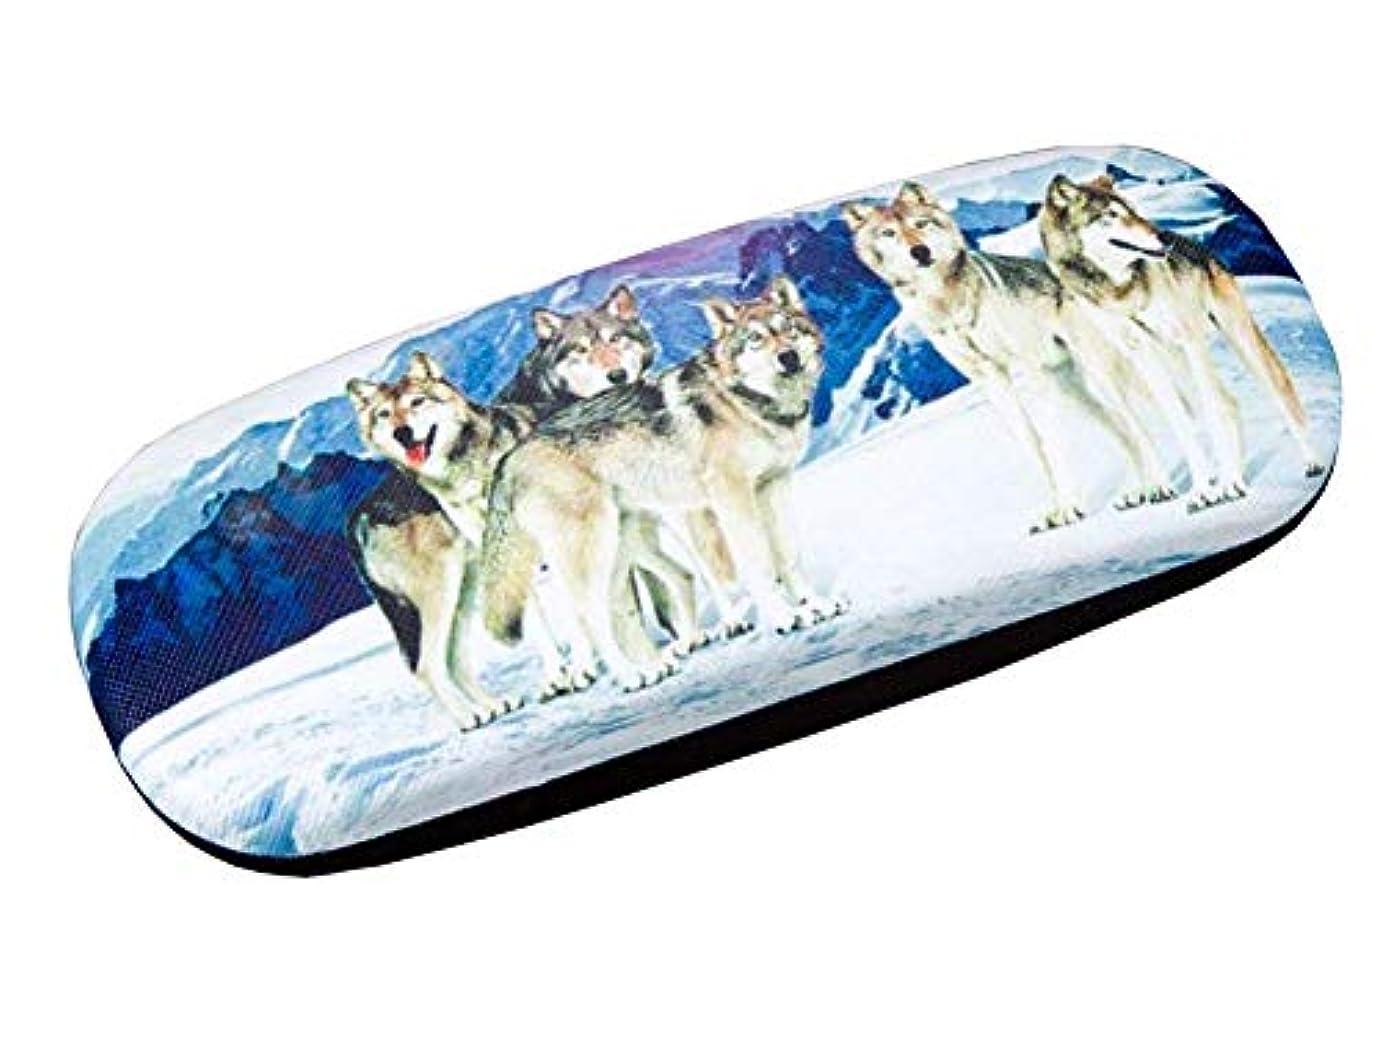 選挙ウール艦隊PUレザーハードシェル眼鏡ケースメガネ収納ケースメガネ用保護ケース狼 - 01